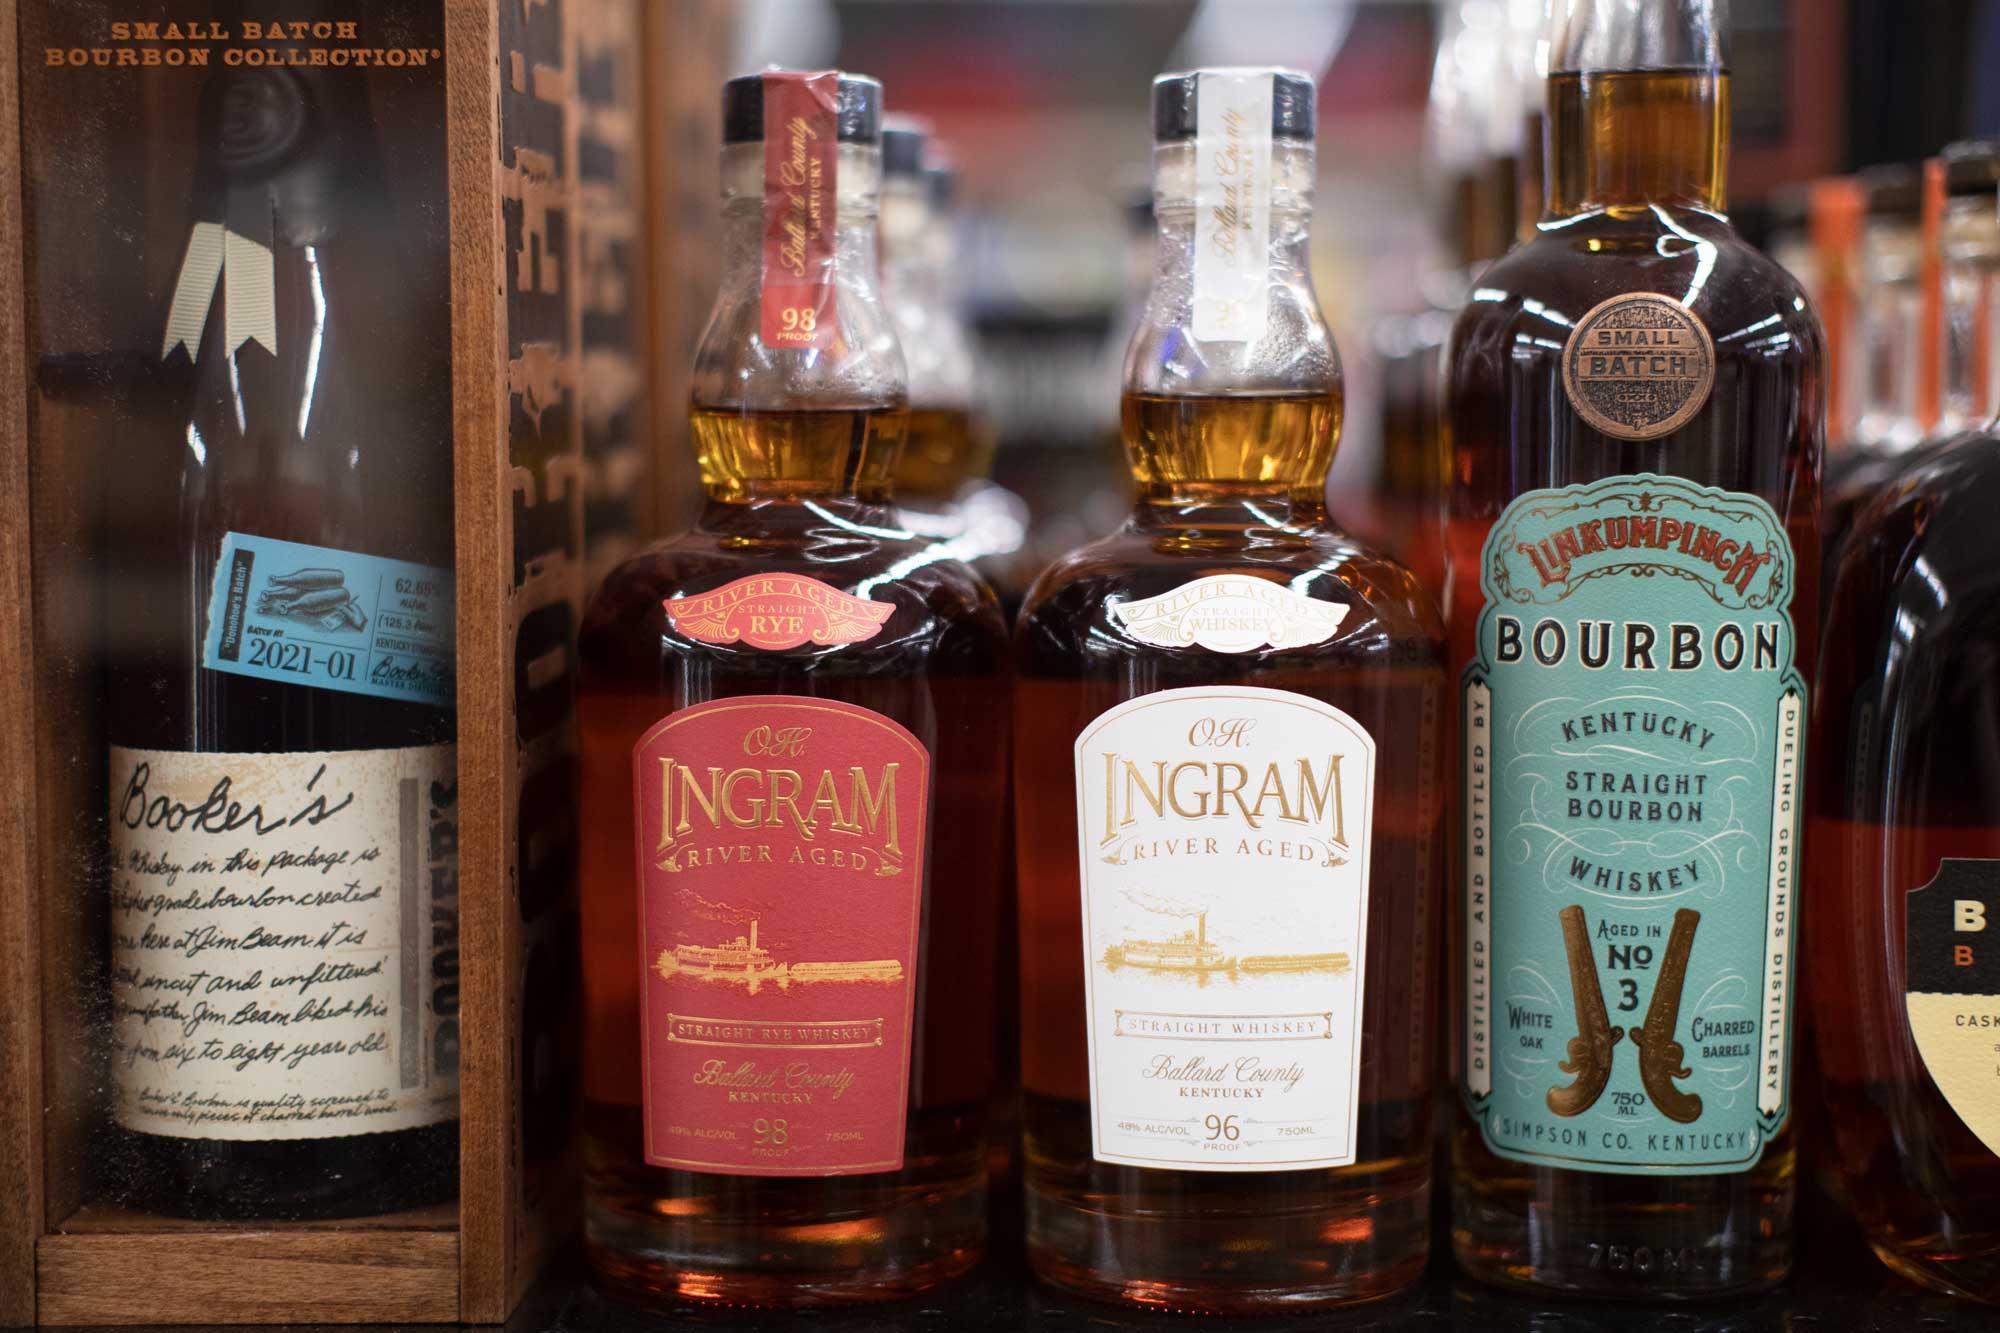 Ingram Whiskey on a shelf